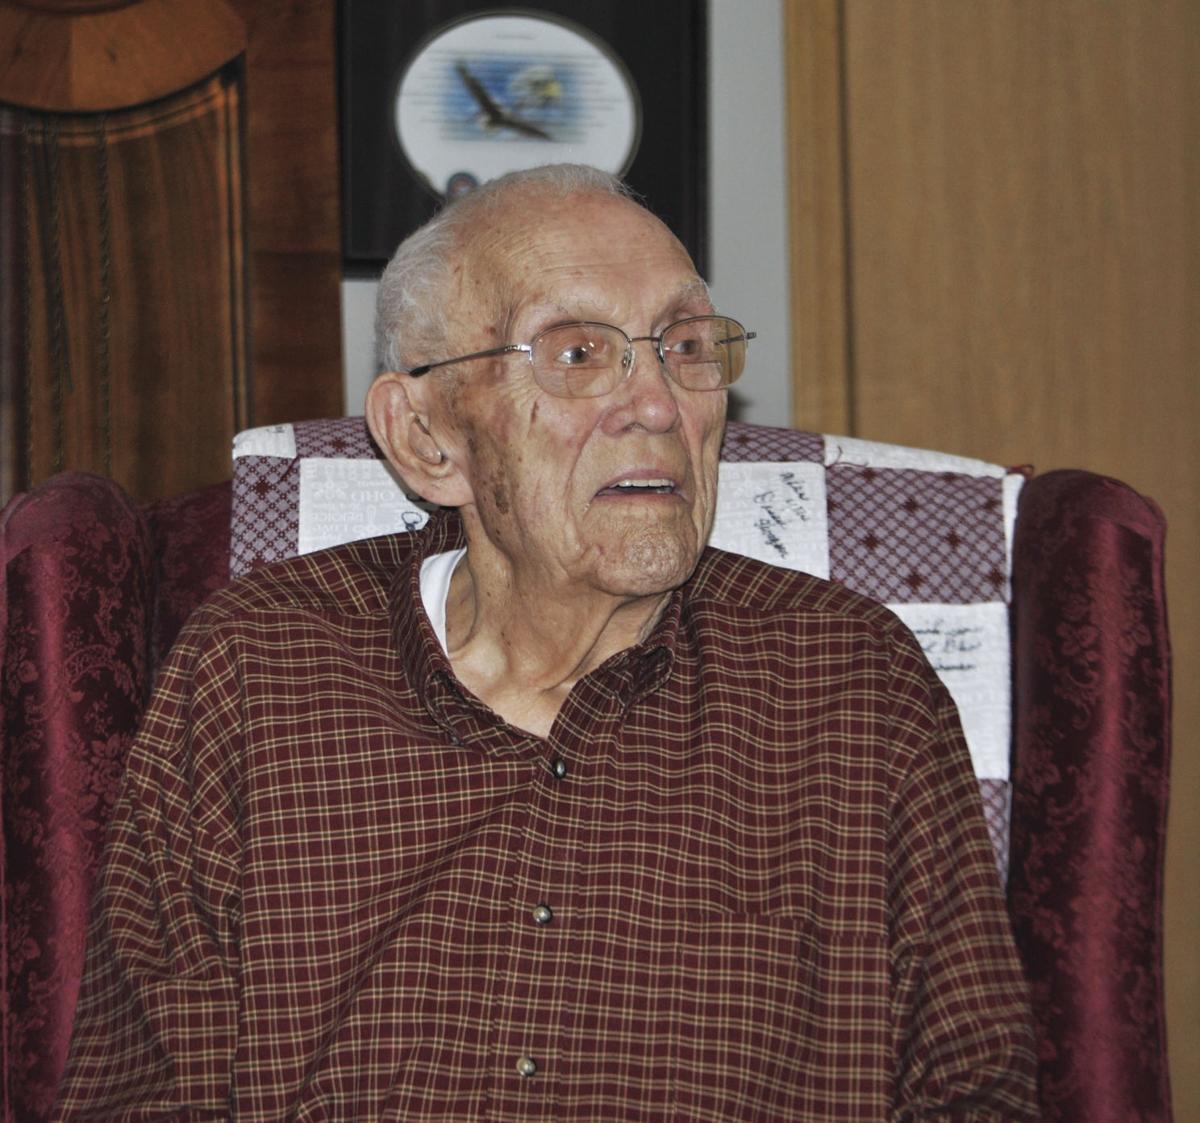 Bill Roberts at age 97.